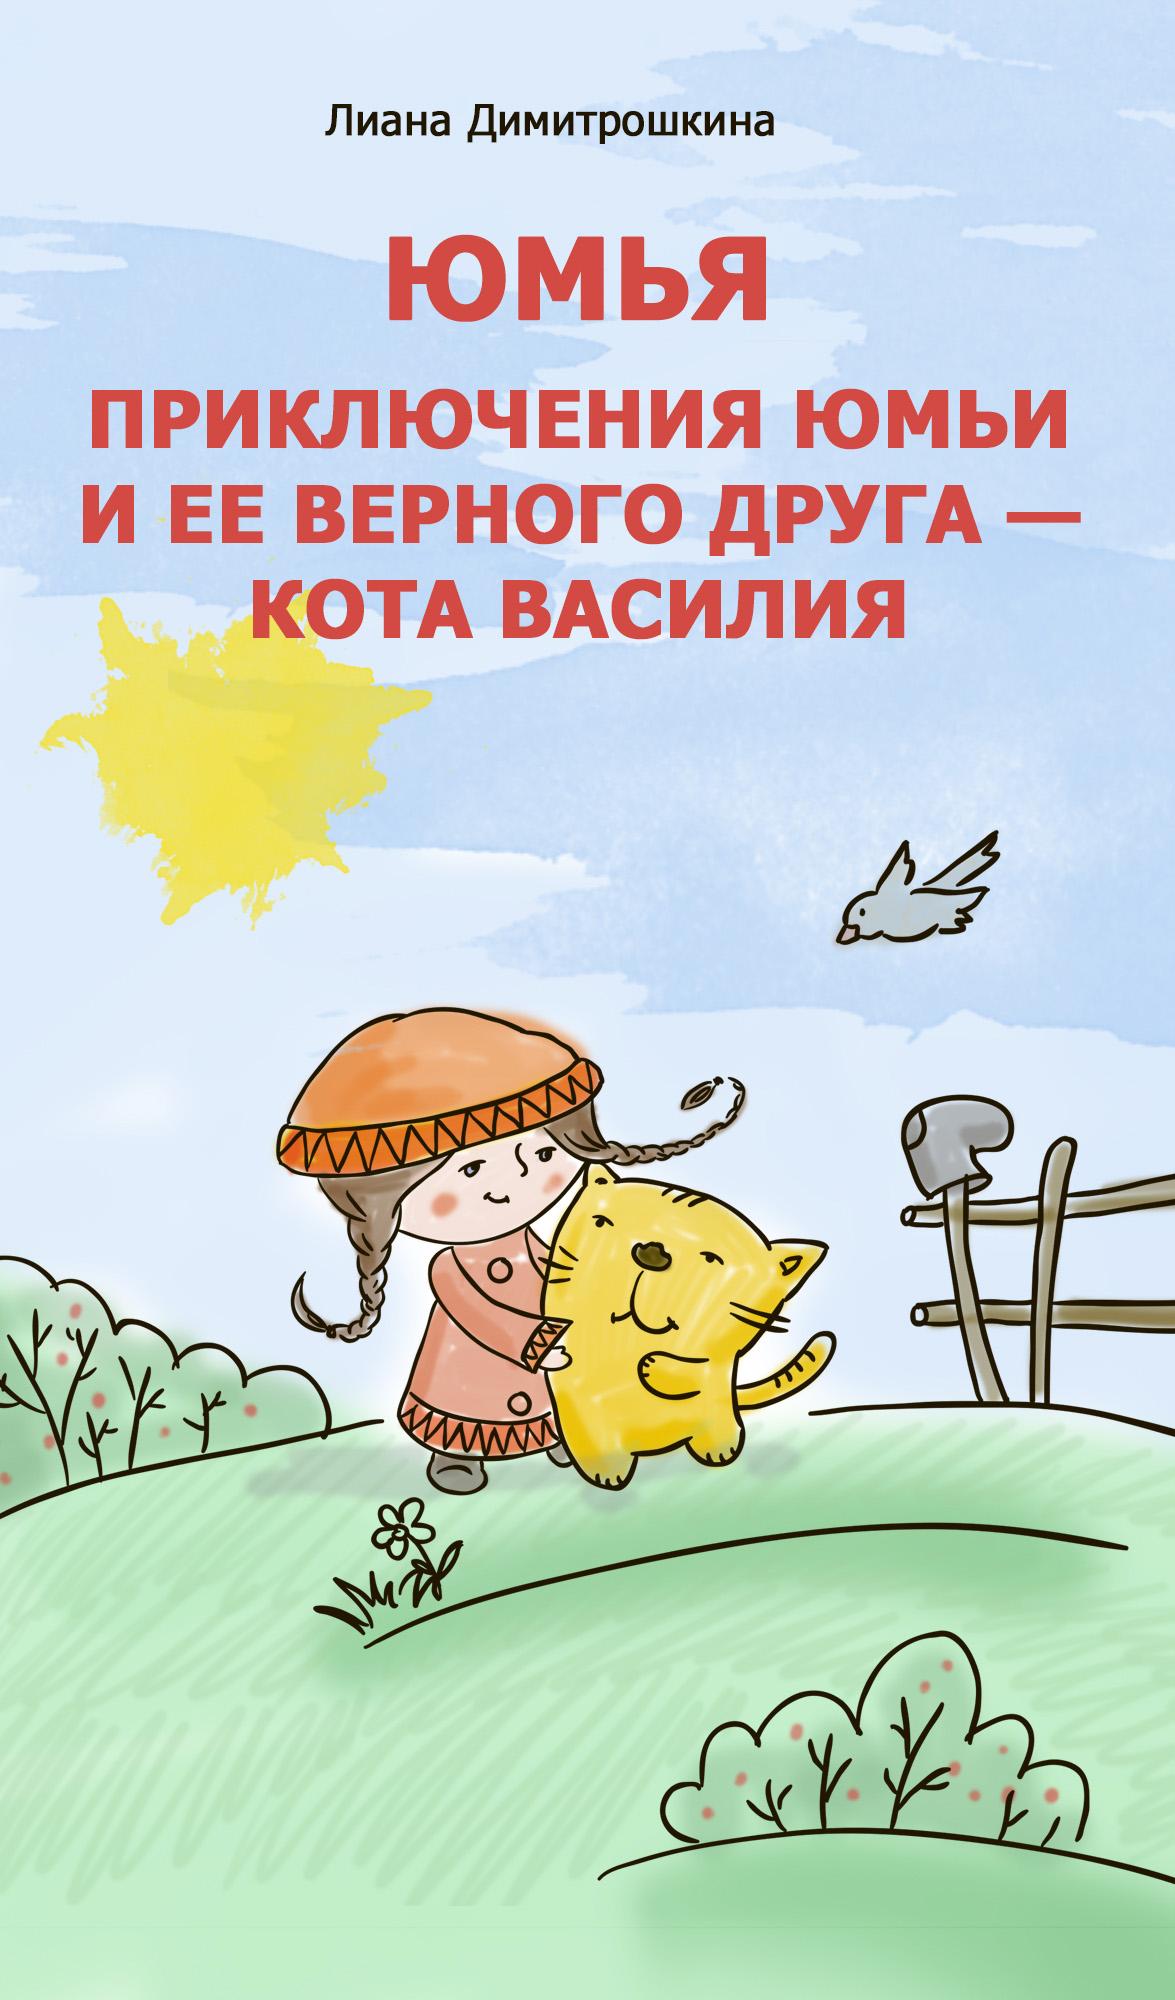 Лиана Димитрошкина Юмья. Приключения Юмьи и ее верного друга – кота Василия о травах и траволечении